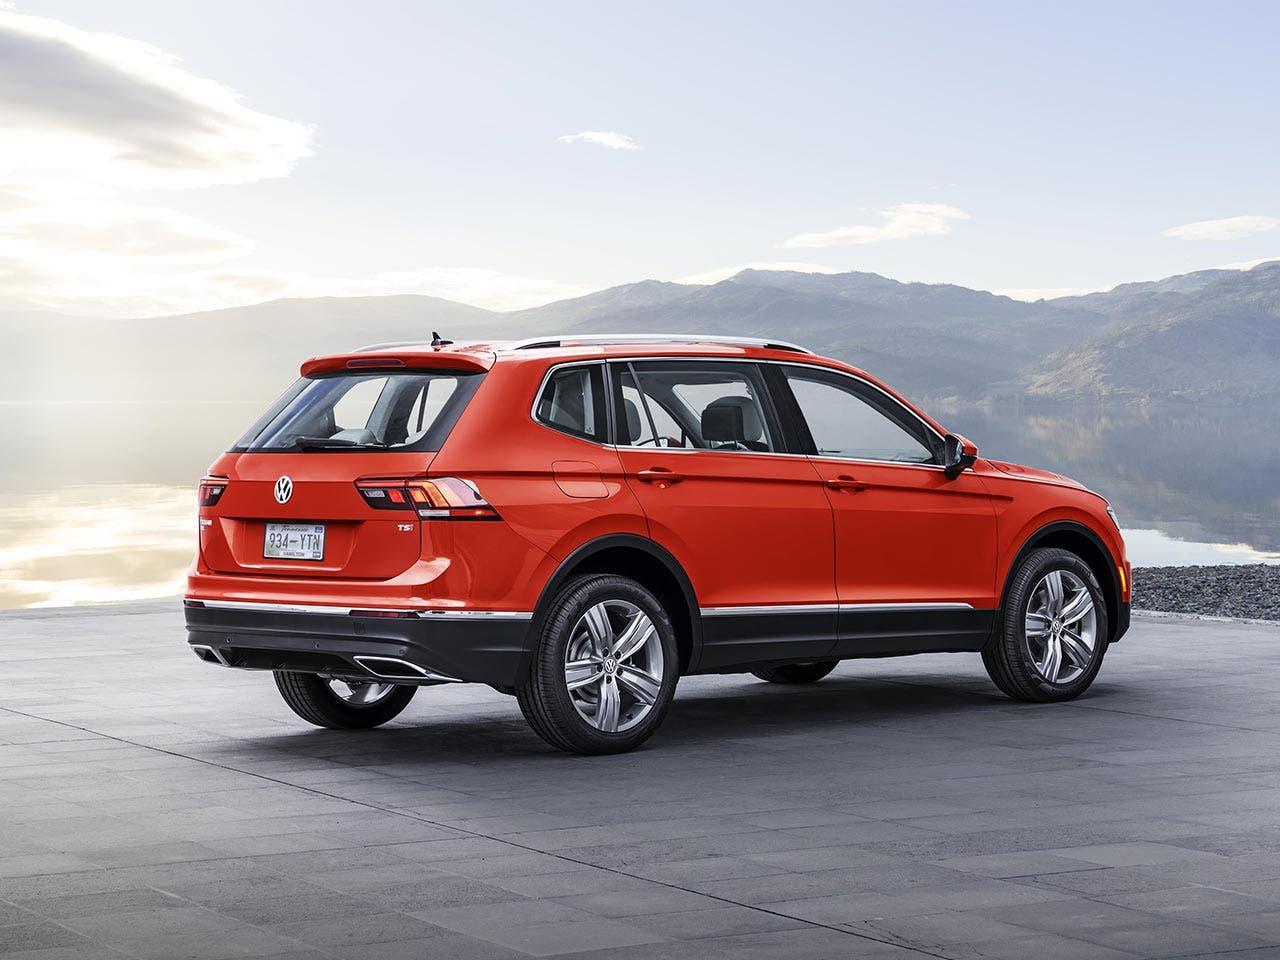 2018 Volkswagen Tiguan | Volkswagen